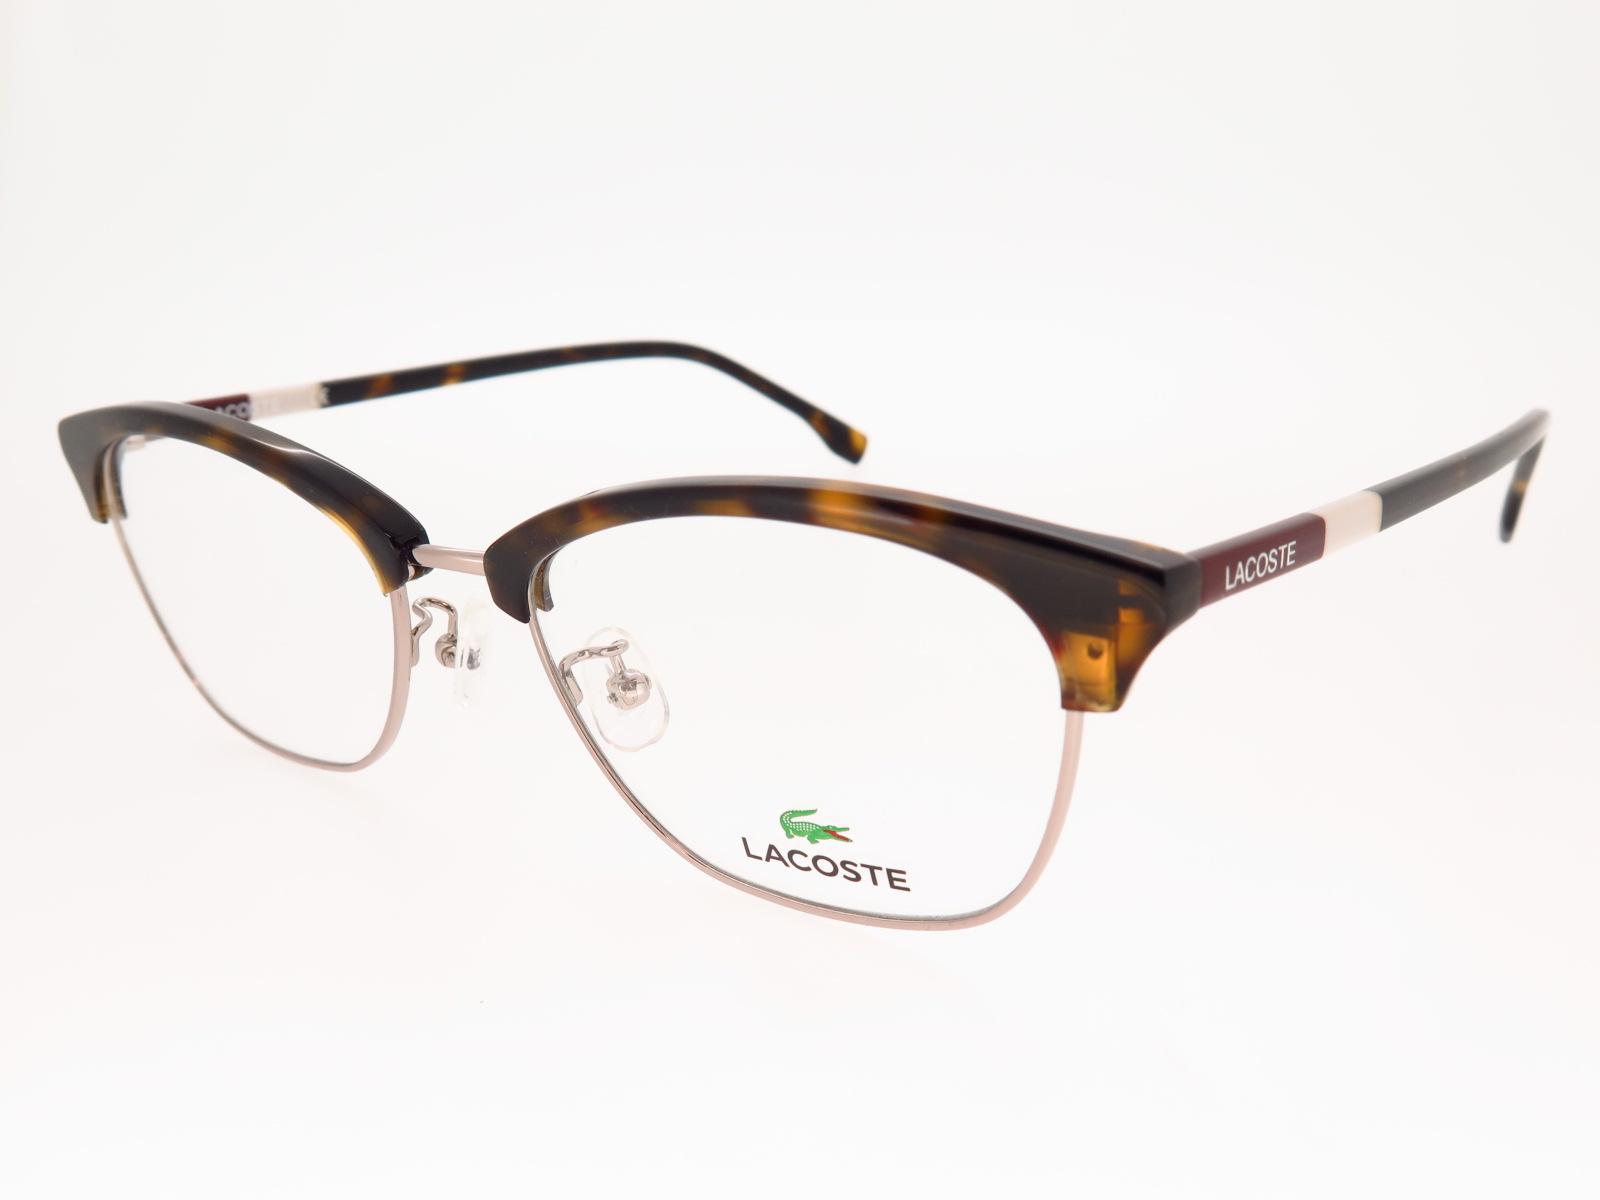 LACOSTE ラコステ ブランド メガネ アジアンフィット スクエア型 ブローメタル L2257A 215 52サイズ